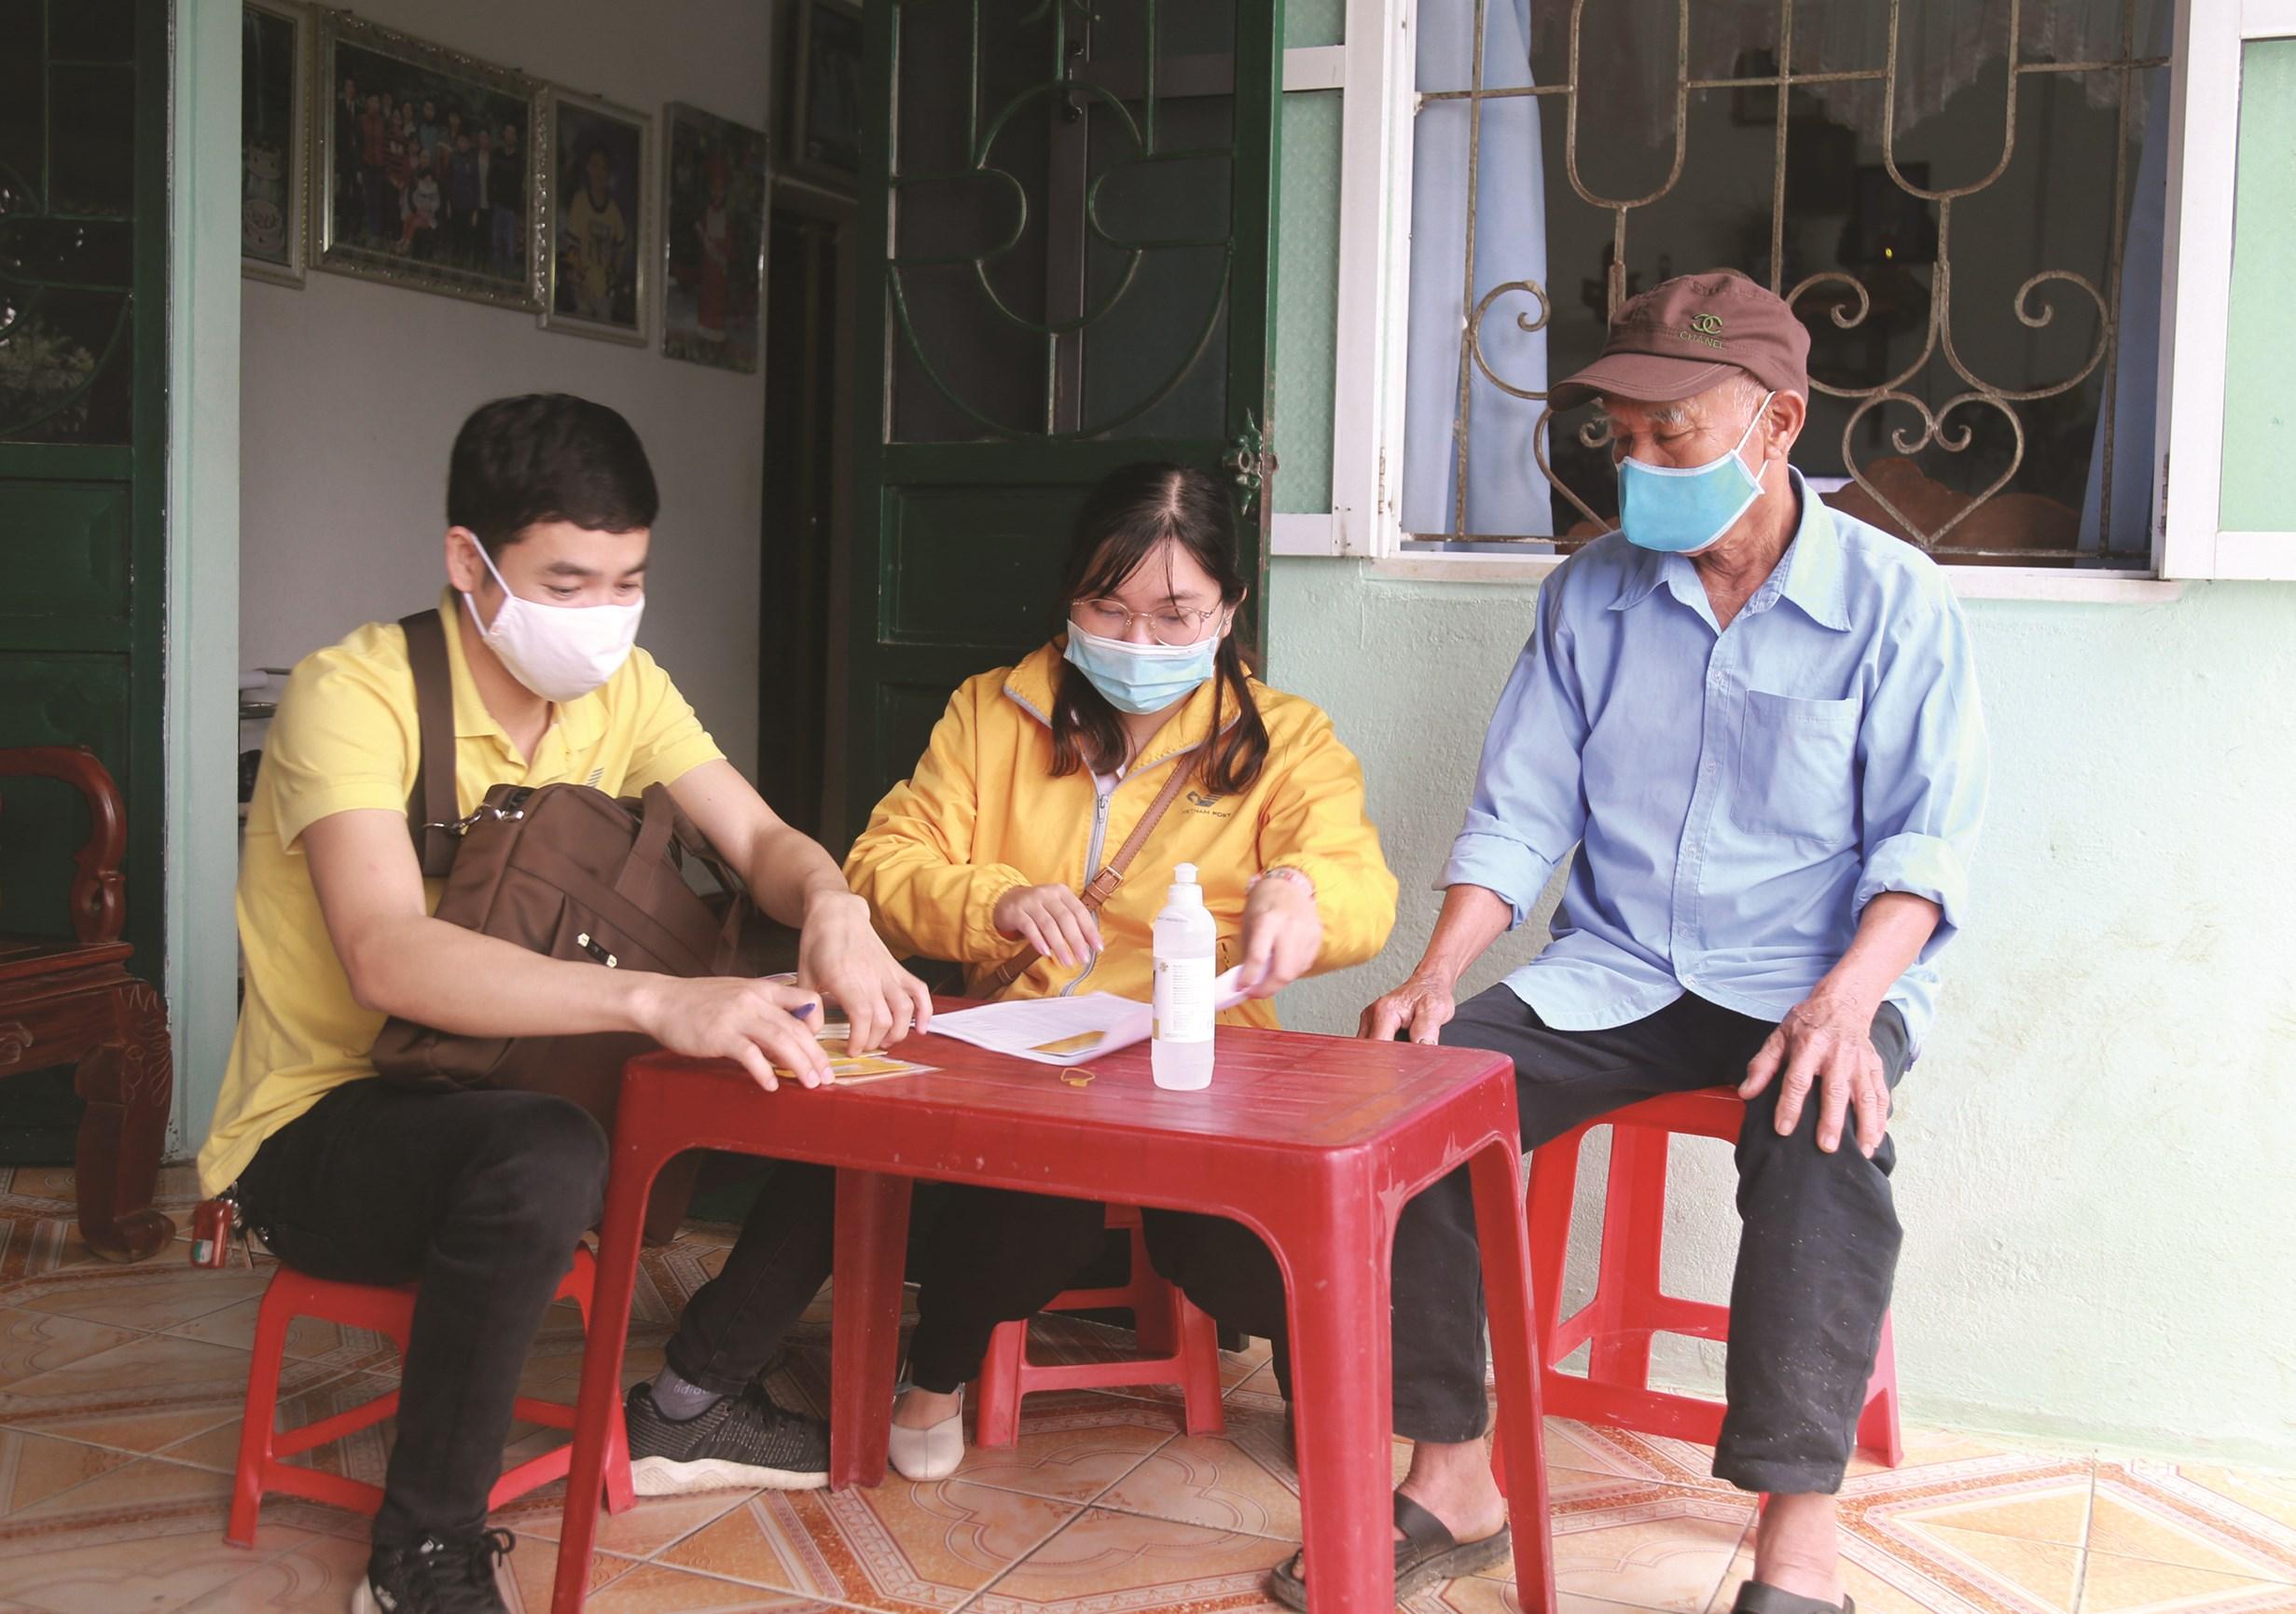 Lương hưu được trao tận nhà giúp người dân yên tâm ở nhà trong những ngày thực hiện giãn cách xã hội.